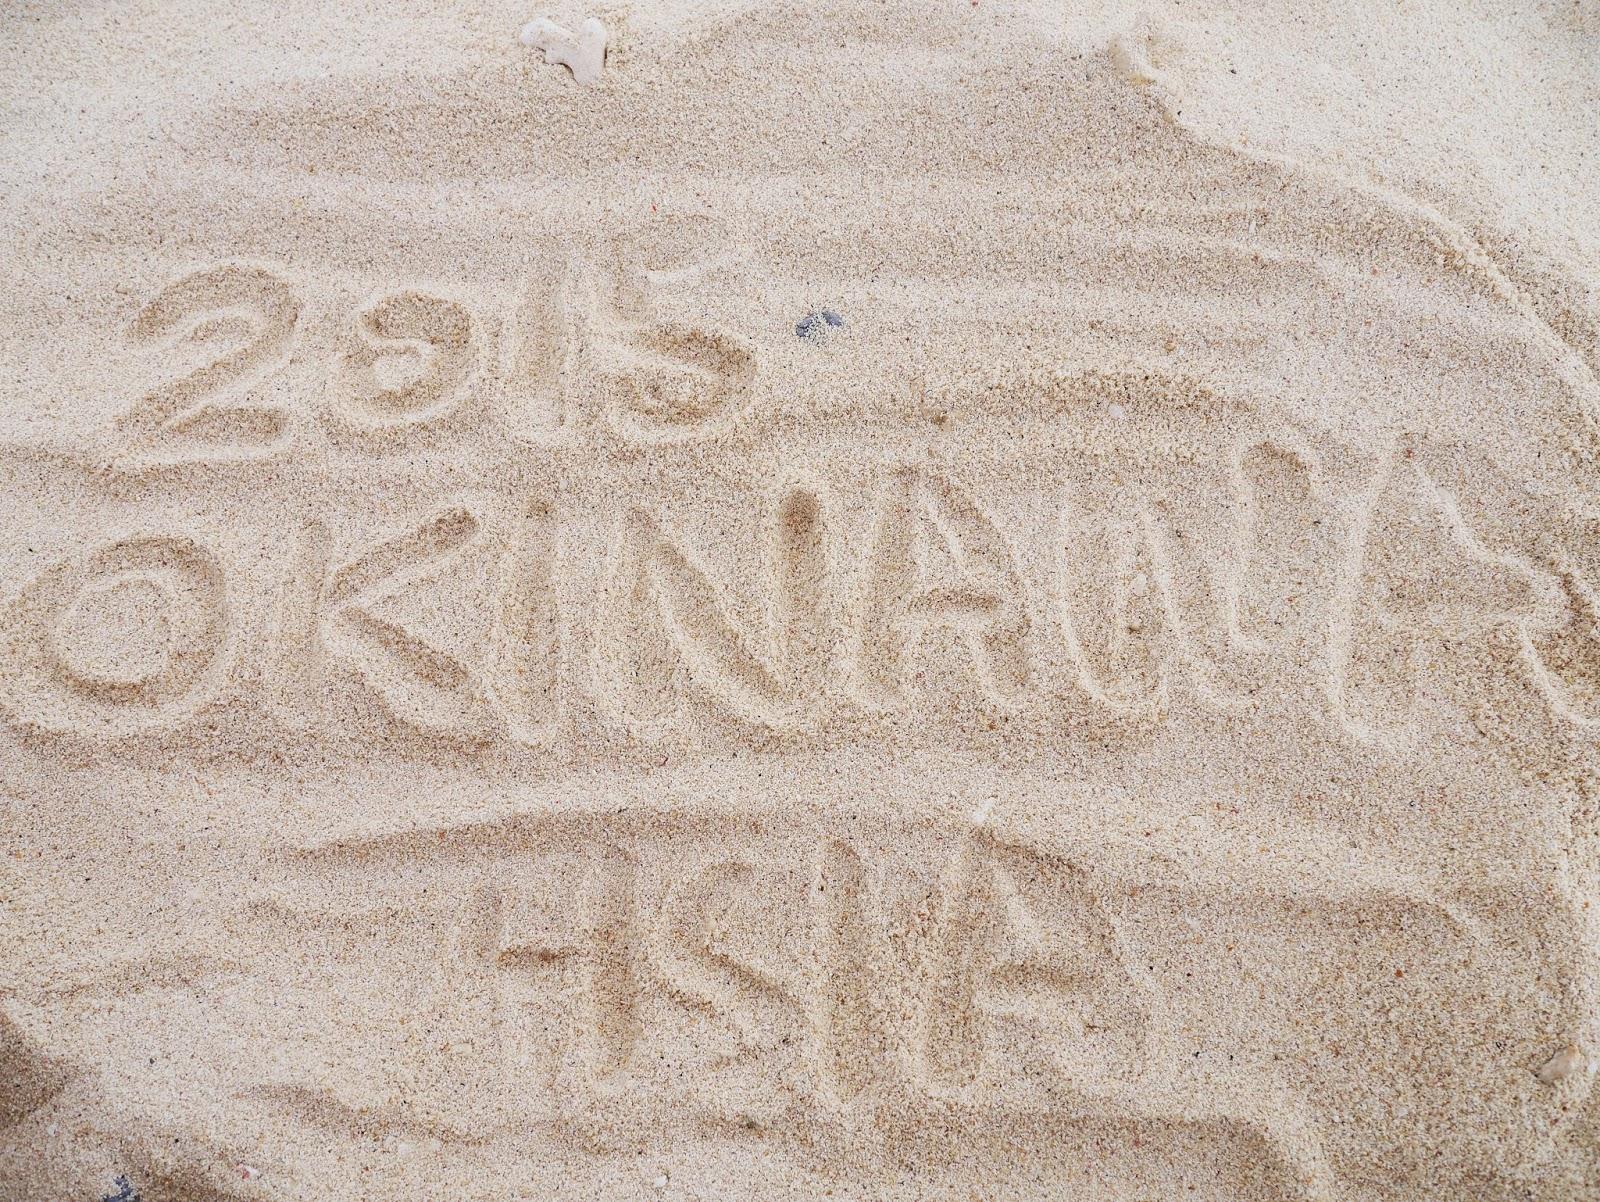 沖繩-海灘-水納島-水納海灘-水納ビーチ-Minna-Beach-推薦-自由行-旅遊-Okinawa